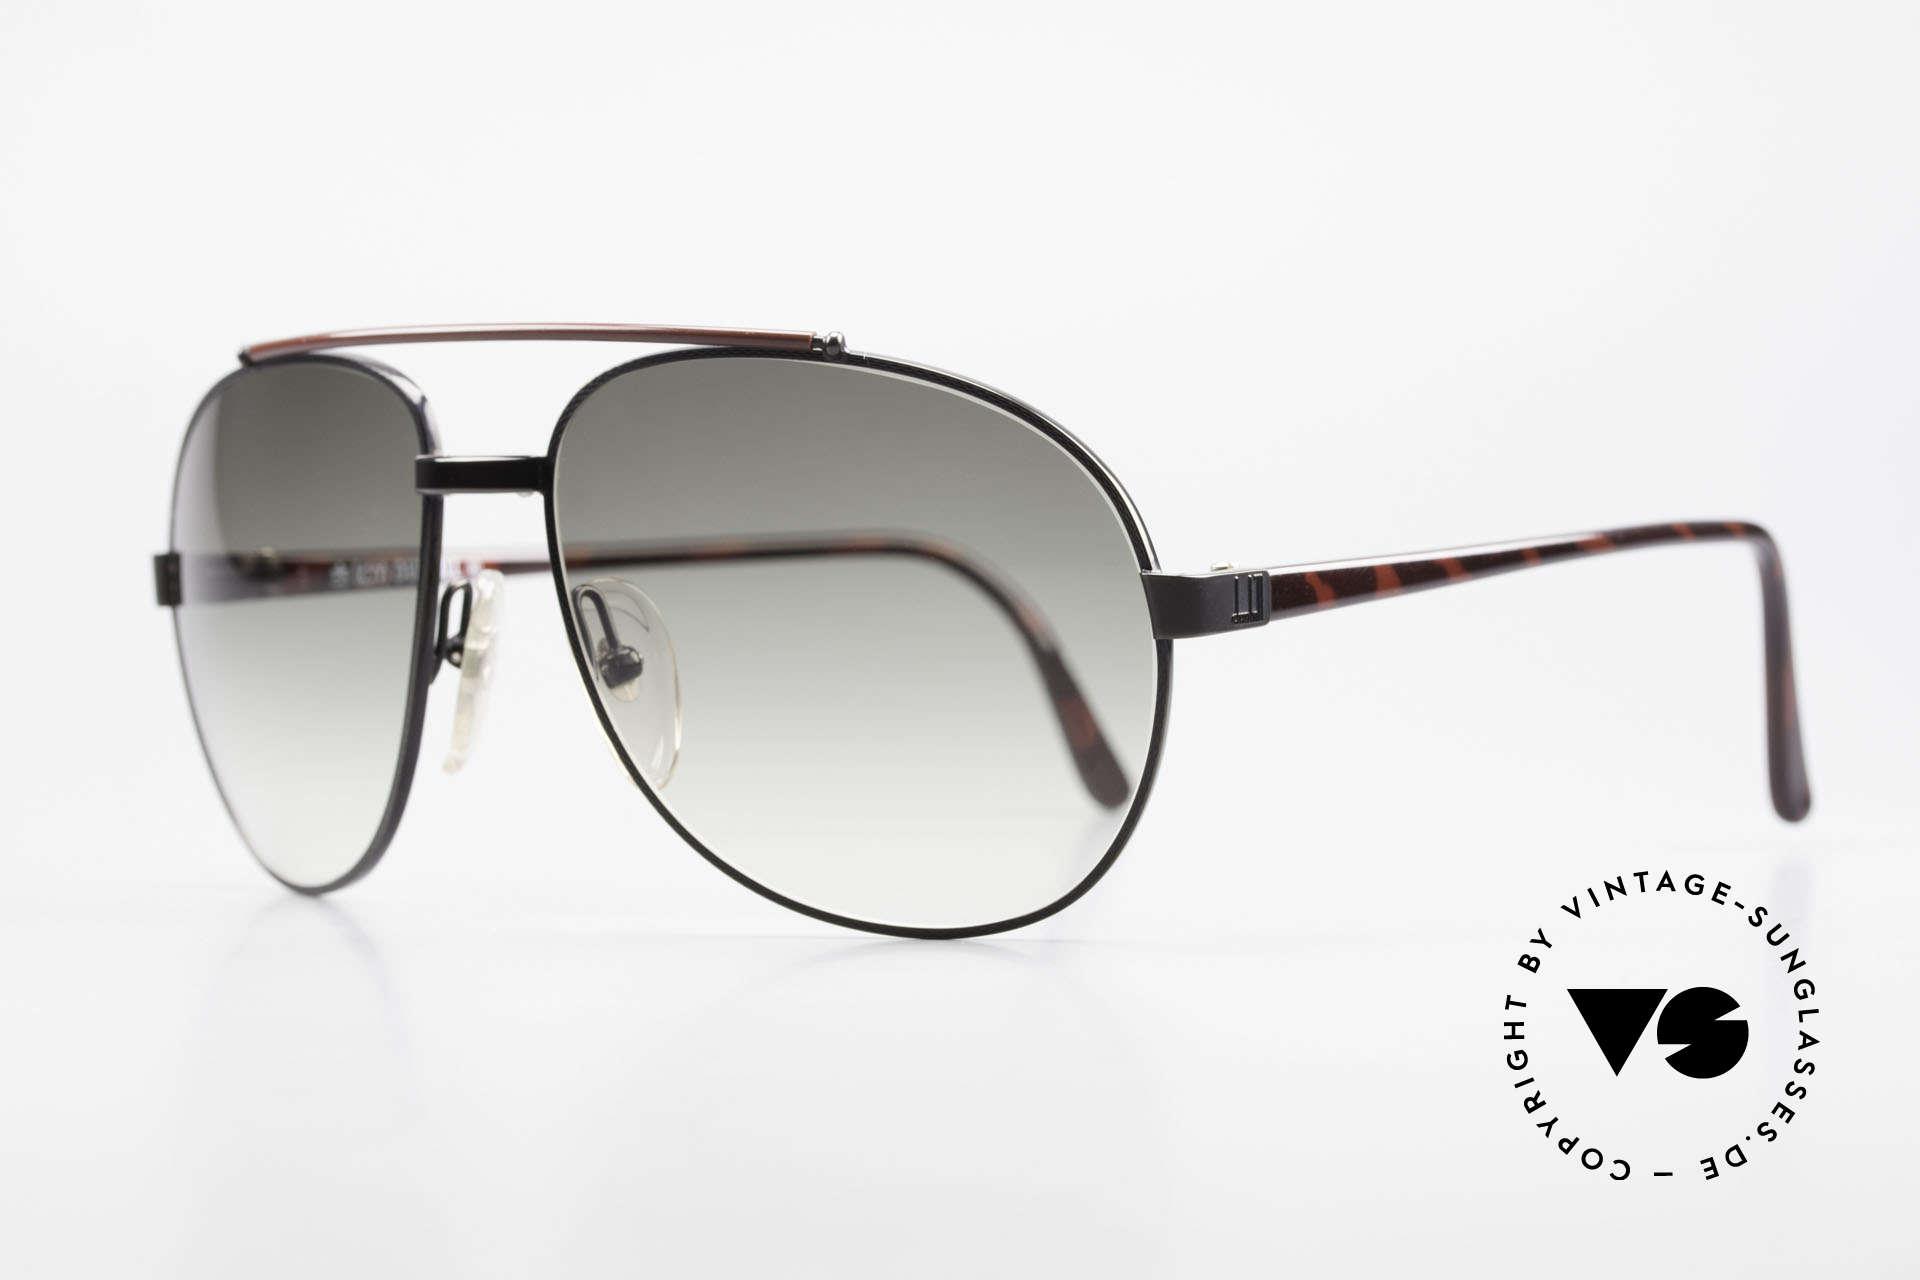 Dunhill 6070 Men's 90's Luxury Sunglasses, flexible (COMFORT-FIT) black-chromed frame, Made for Men